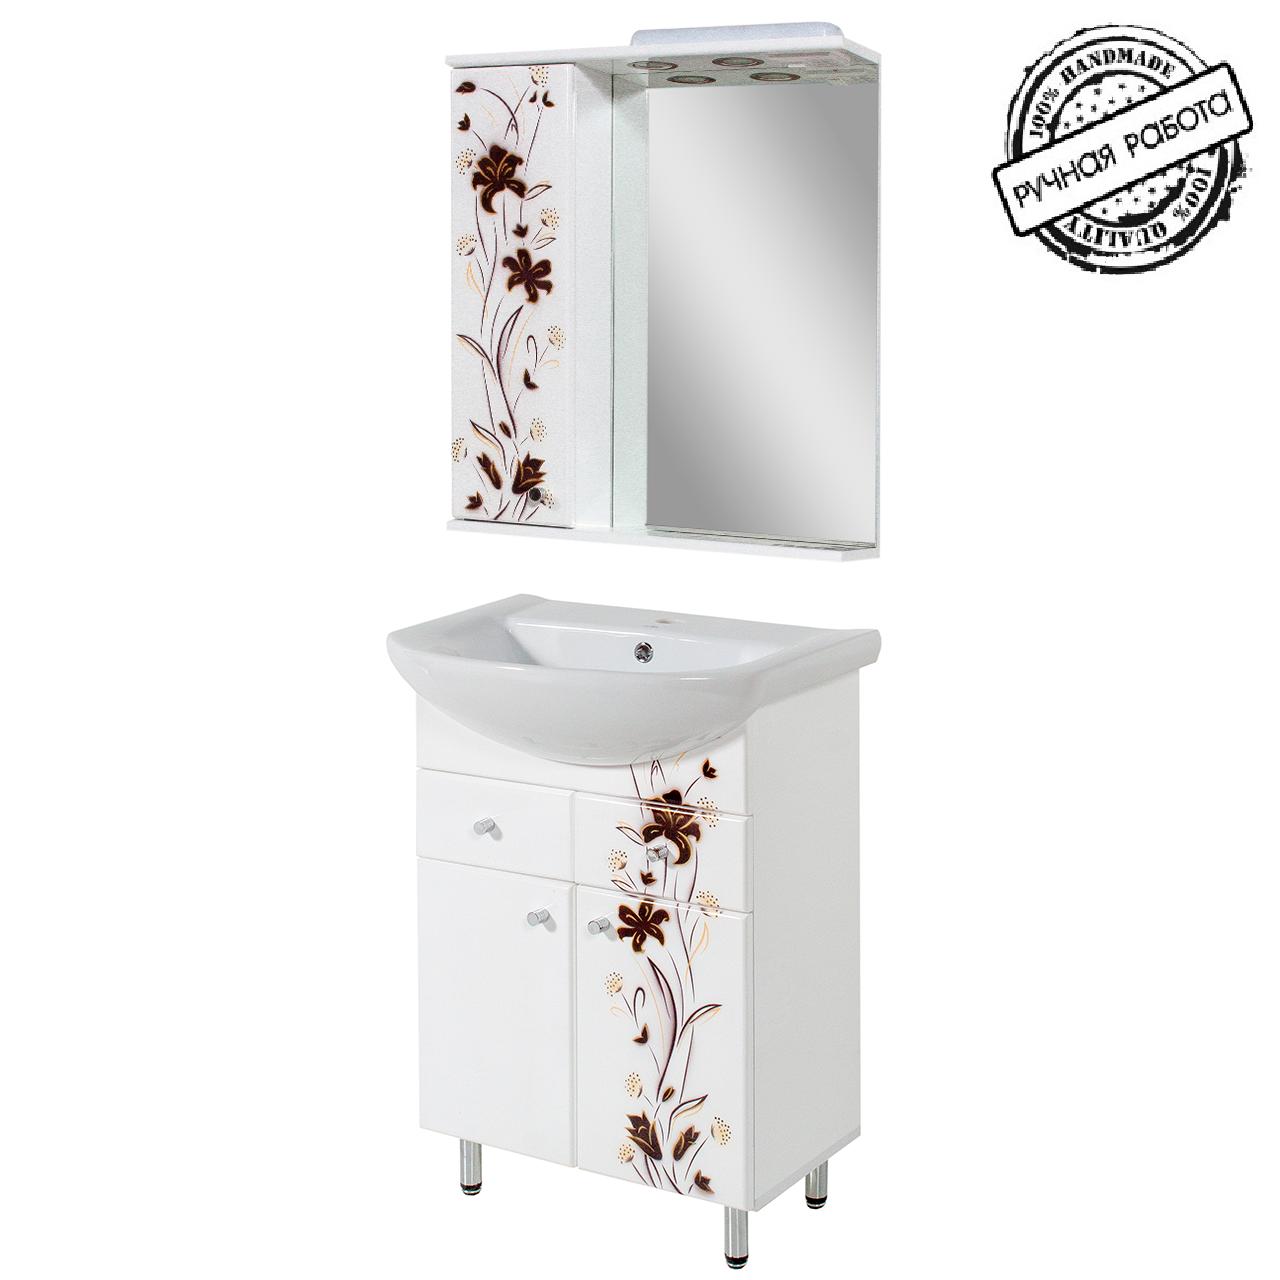 Мебель для ванной комнаты купить в интернет-магазине в Минске | 1280x1280